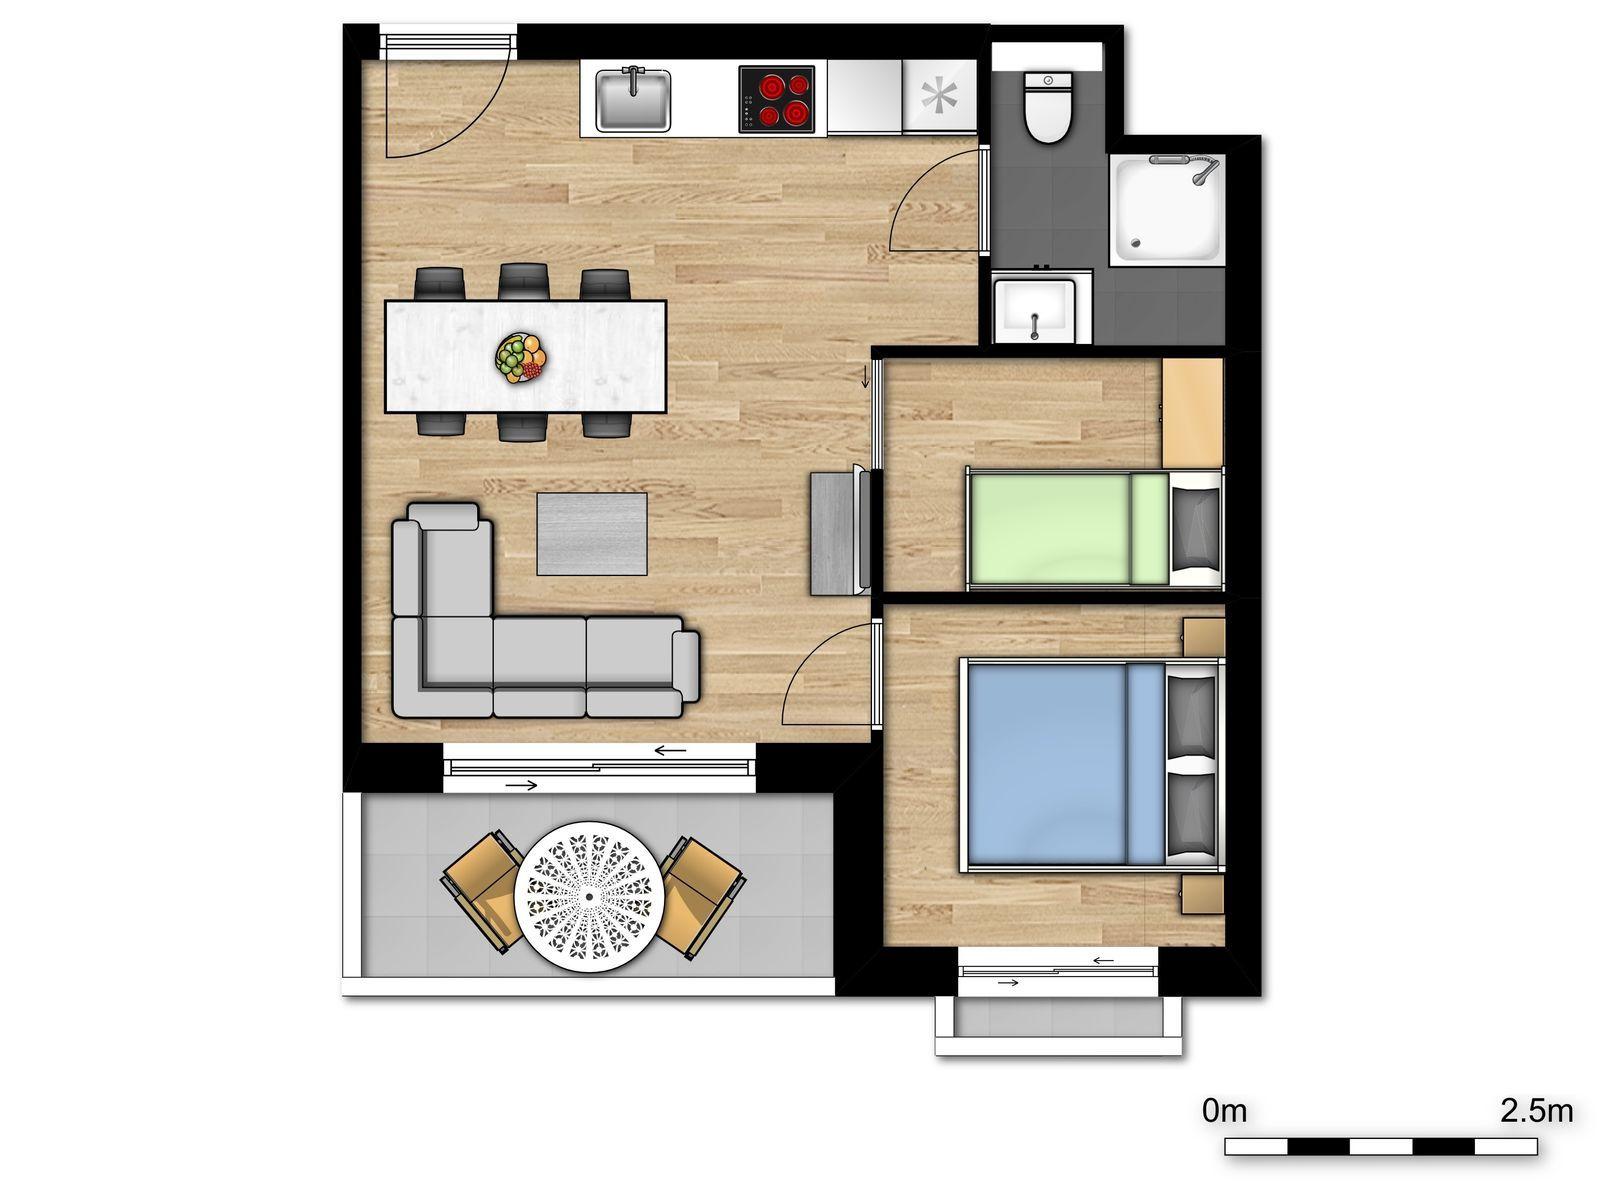 Nieuw vakantieverblijf voor 2 volwassenen en 3 kinderen met slaapkamer